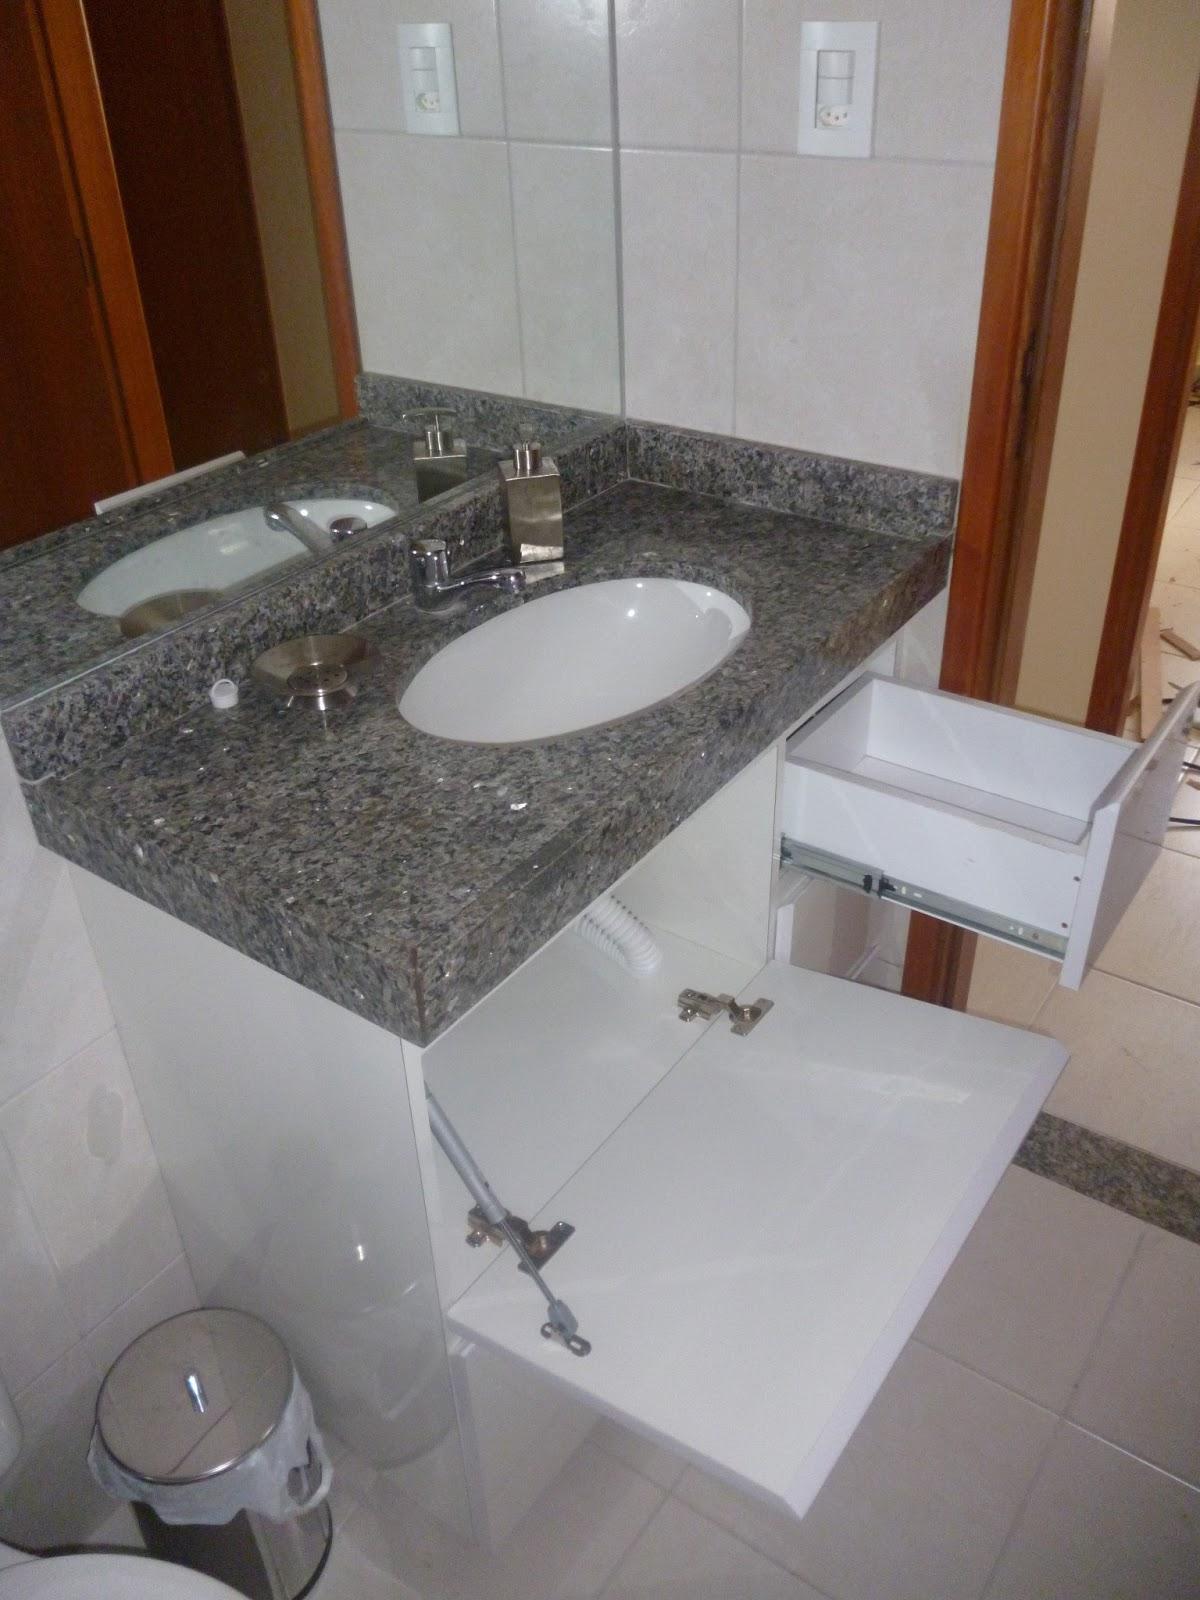 VIA ART FERRO Contato (81)988331092 E mail: via.artferro@gmail.com  #633C24 1200x1600 Armario Banheiro Granito